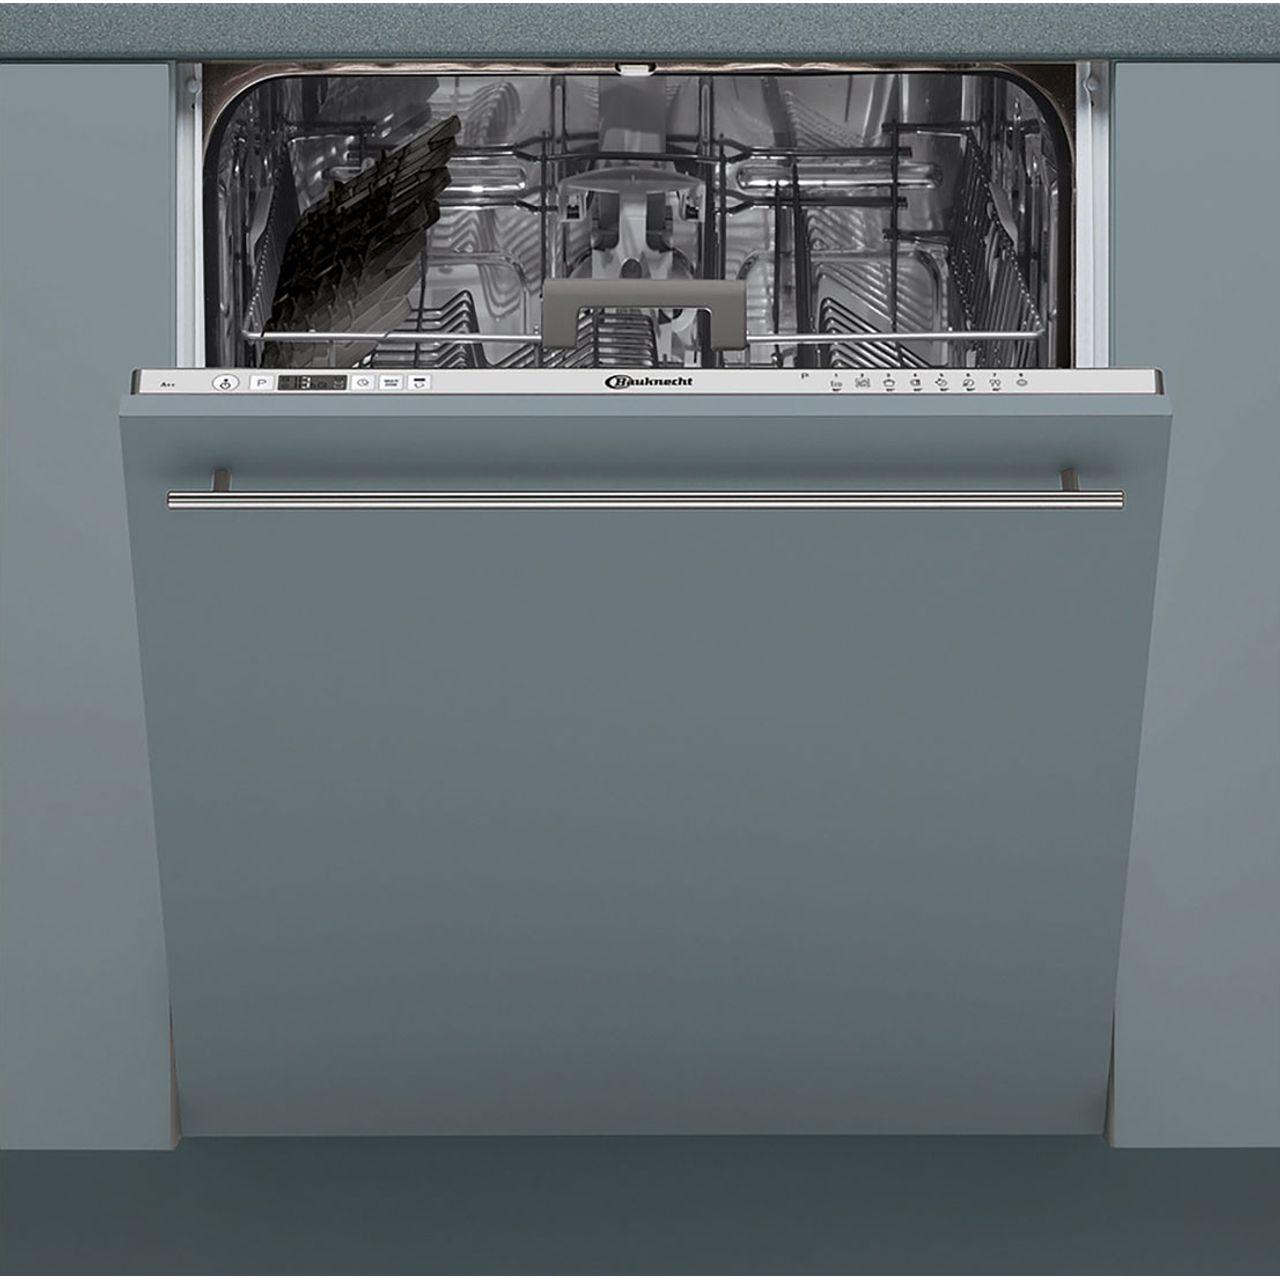 Bosch Kühlschrank Kgn 33 48 : Elektro großgeräte kühlschränke produkte von bosch online